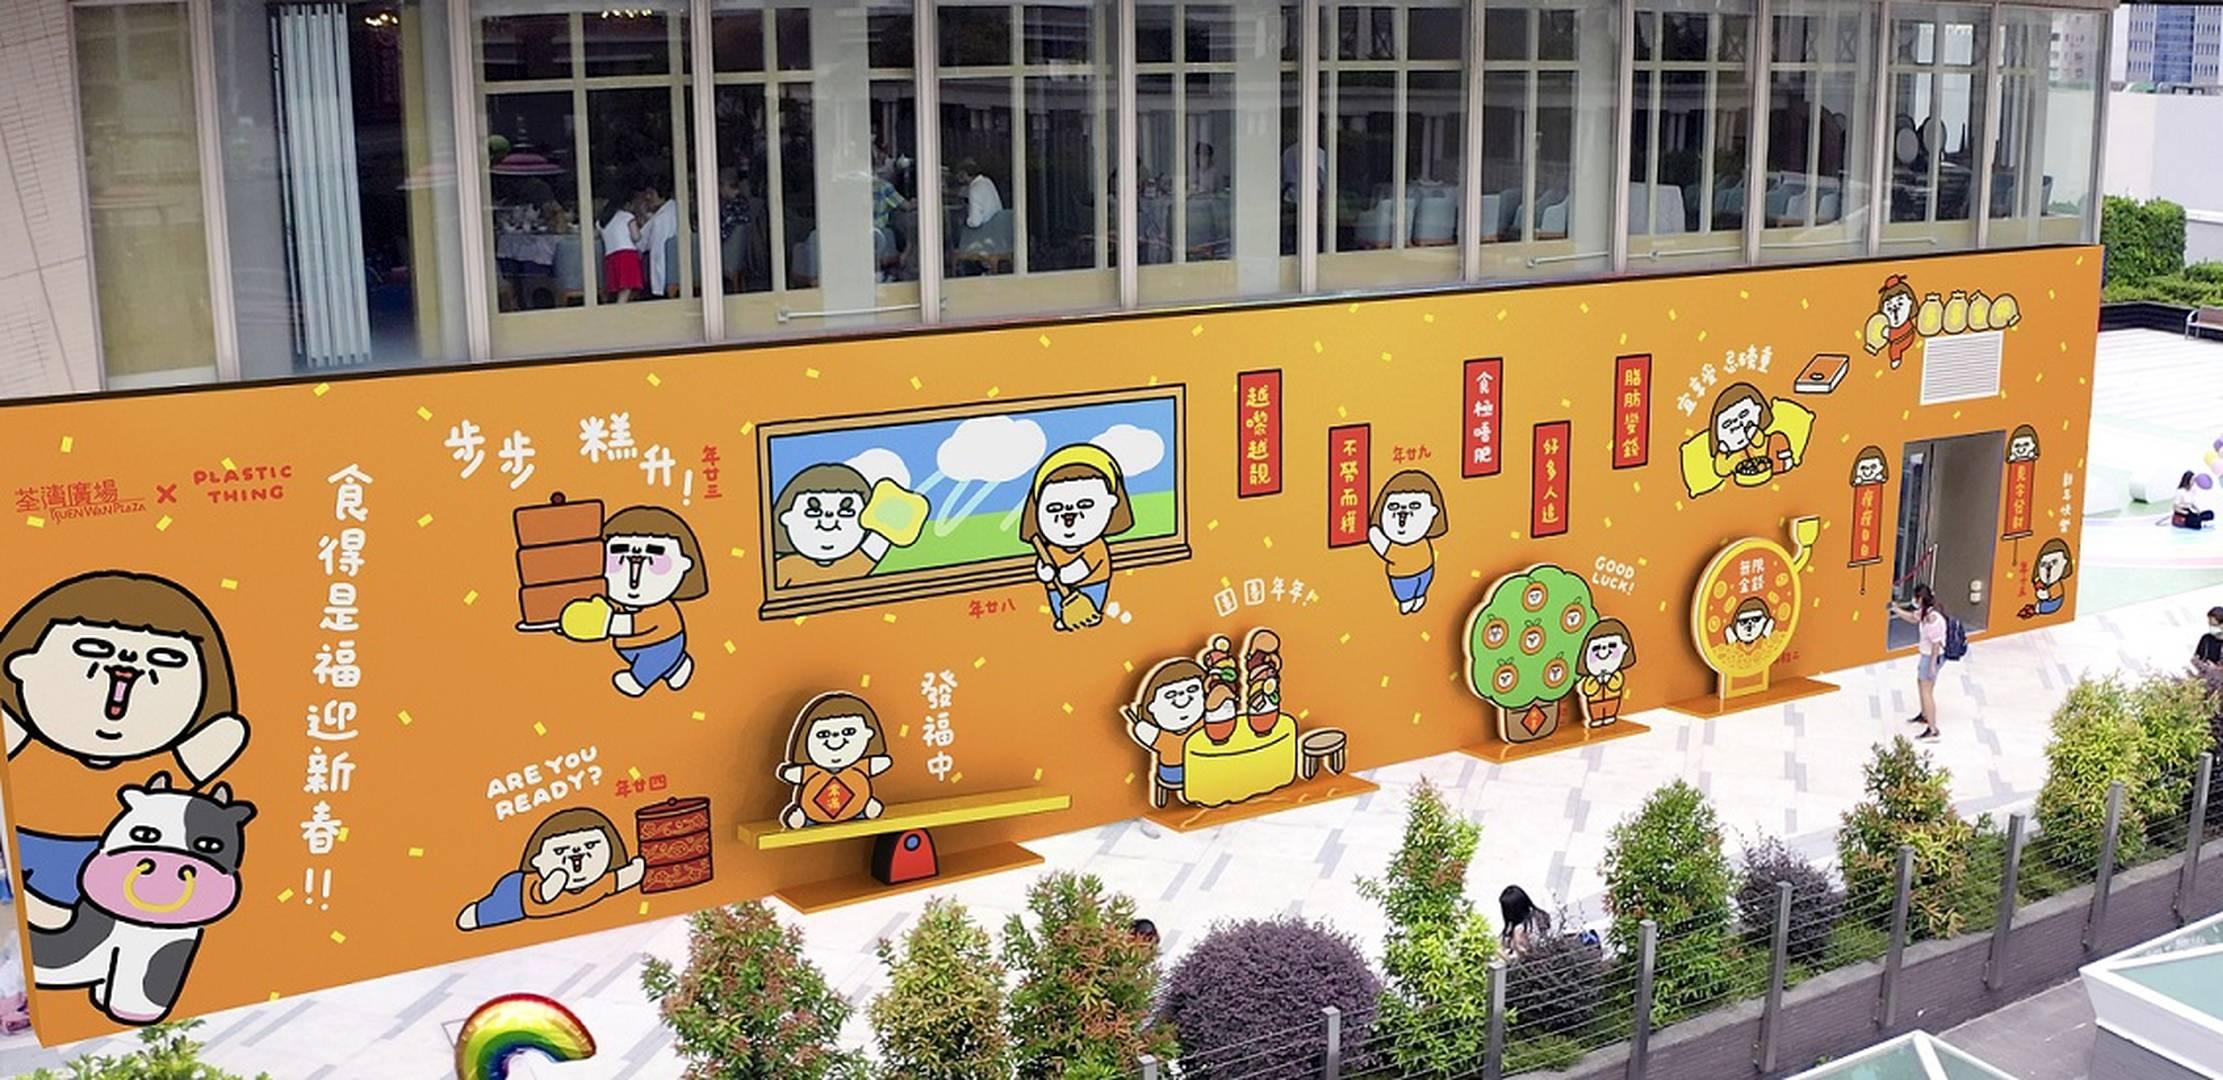 荃灣廣場X PLASTIC THING 【食得是福迎新春】